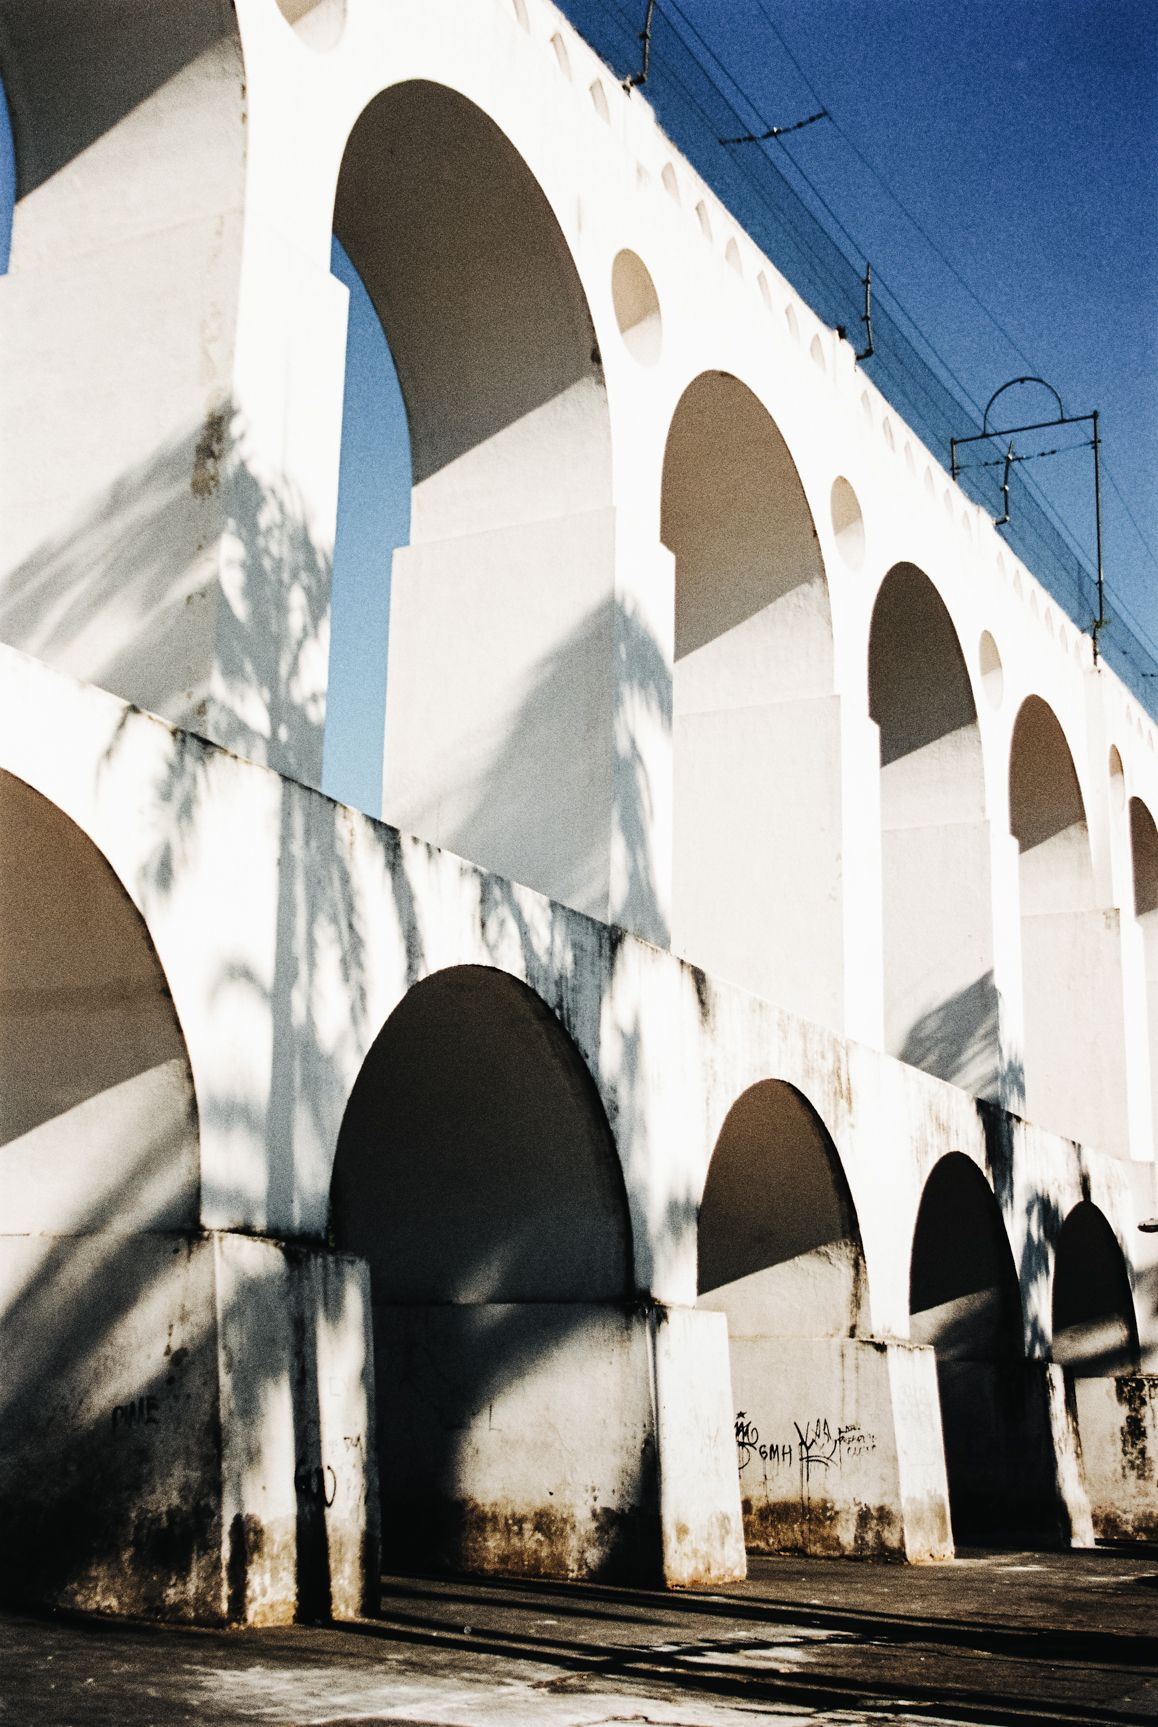 _ L'ombre Avril 2016 Rio de Janeiro Canon AE1 Film // PORTRA 400 Images développées et scannées par Carmencita Film Lab Photographie : Line Brusegan